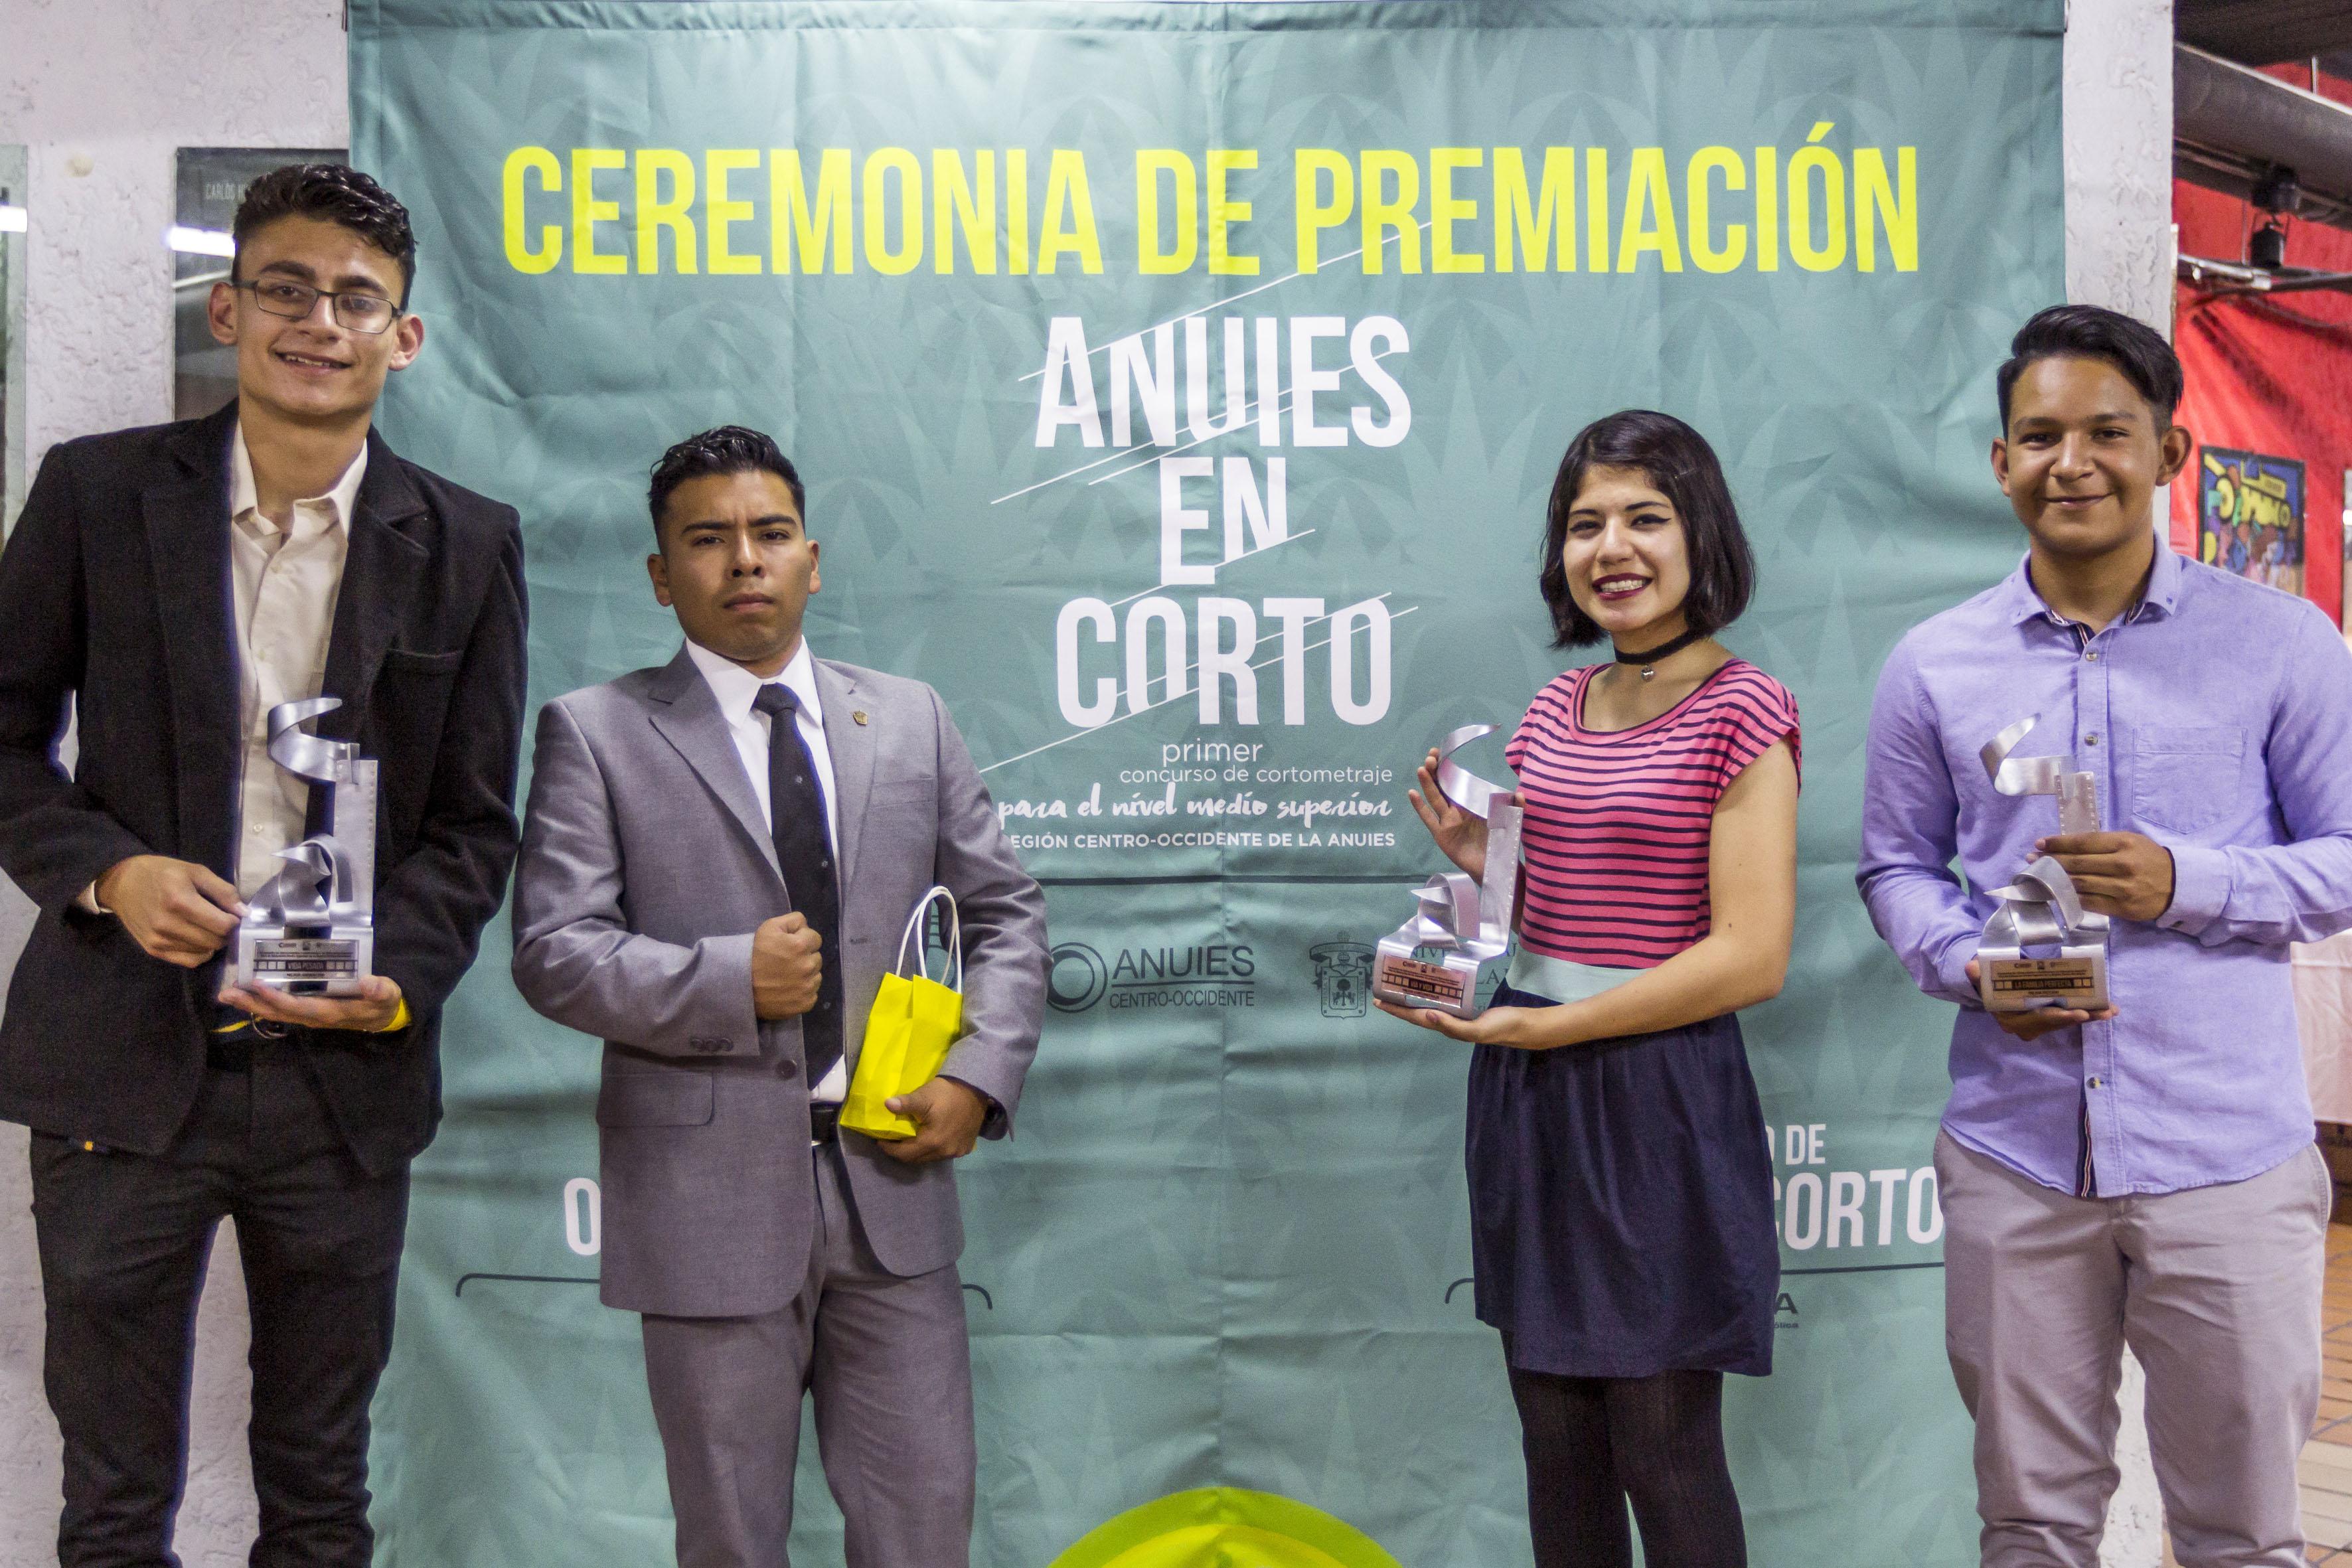 Estudiantes del SEMS, ganadores de los concursos de la Red de Educación Media Superior de la Región Centro-Occidente de la Asociación Nacional de Universidades e Instituciones de Educación Superior (ANUIES); mostrando sus galardones.